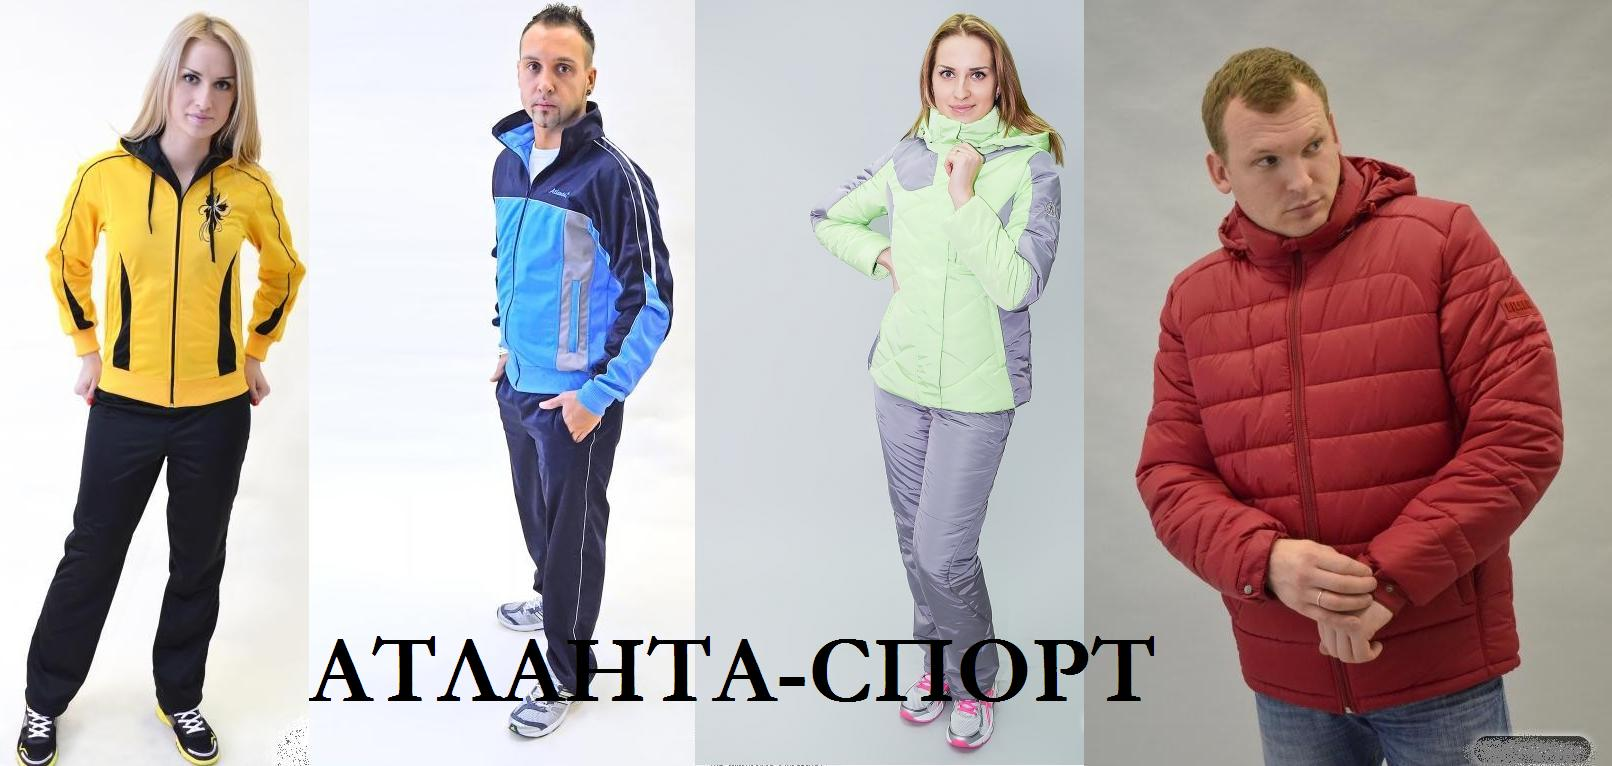 Атлaнтa Cпopт-42. Спортивные костюмы для всей семьи от 44 до 60-го р-ра. А так же самые теплые мужские и женские зимние костюмы! Очень низкие цены! Отличные отзывы! Есть новинки! Без рядов!